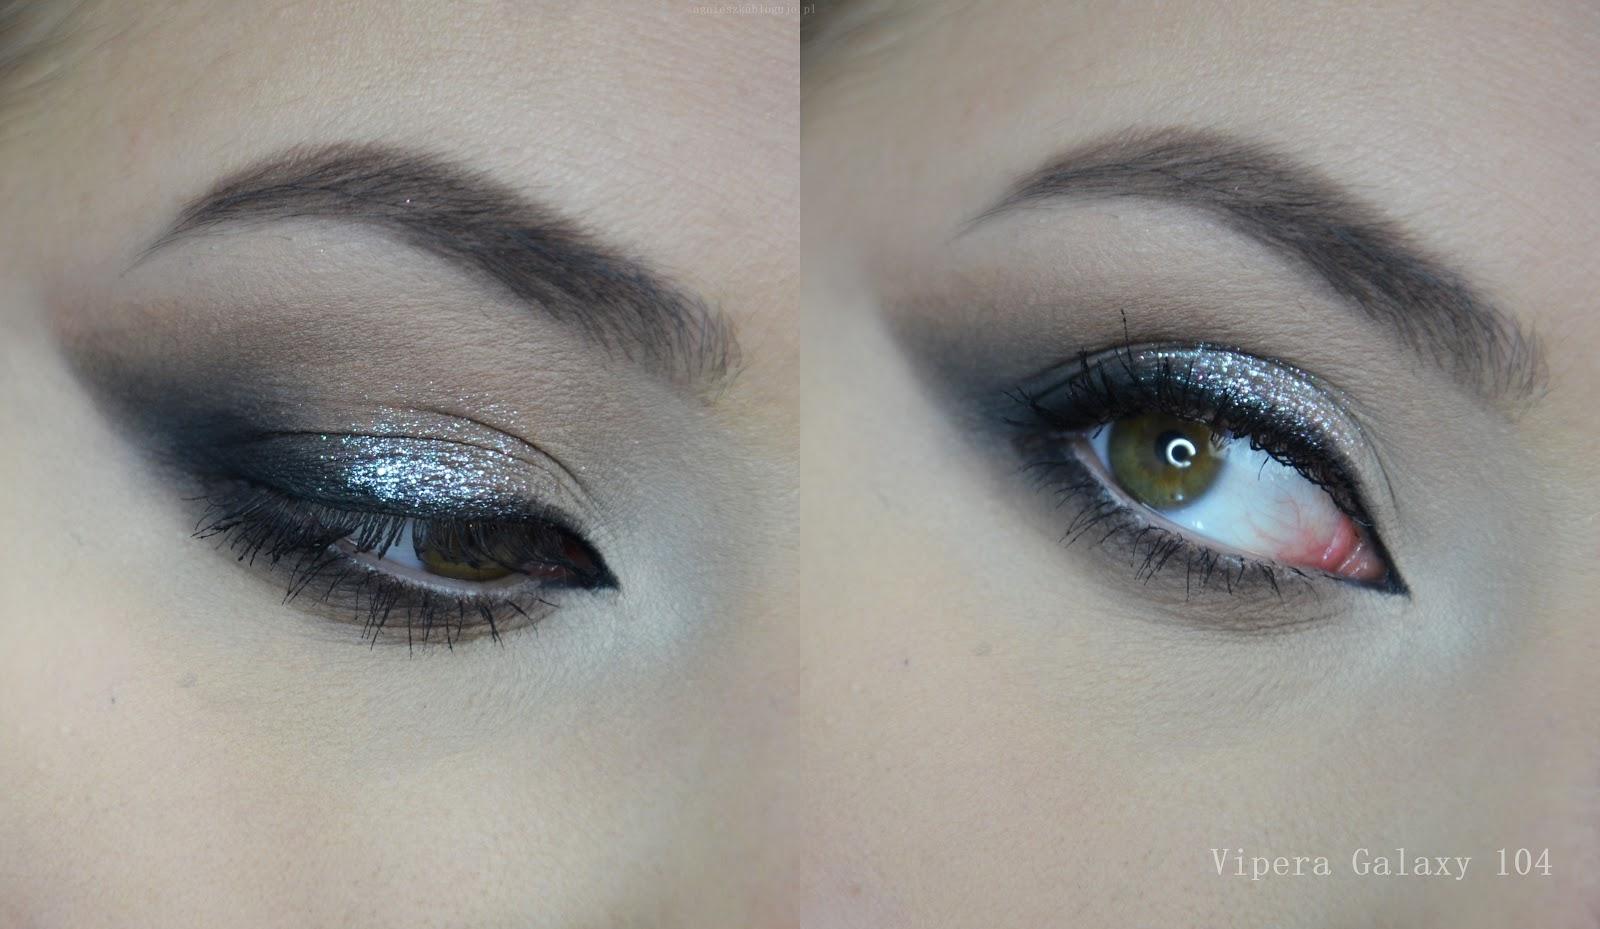 pigment vipera galaxy 104 swatch, makijaż, zdjęcie realne